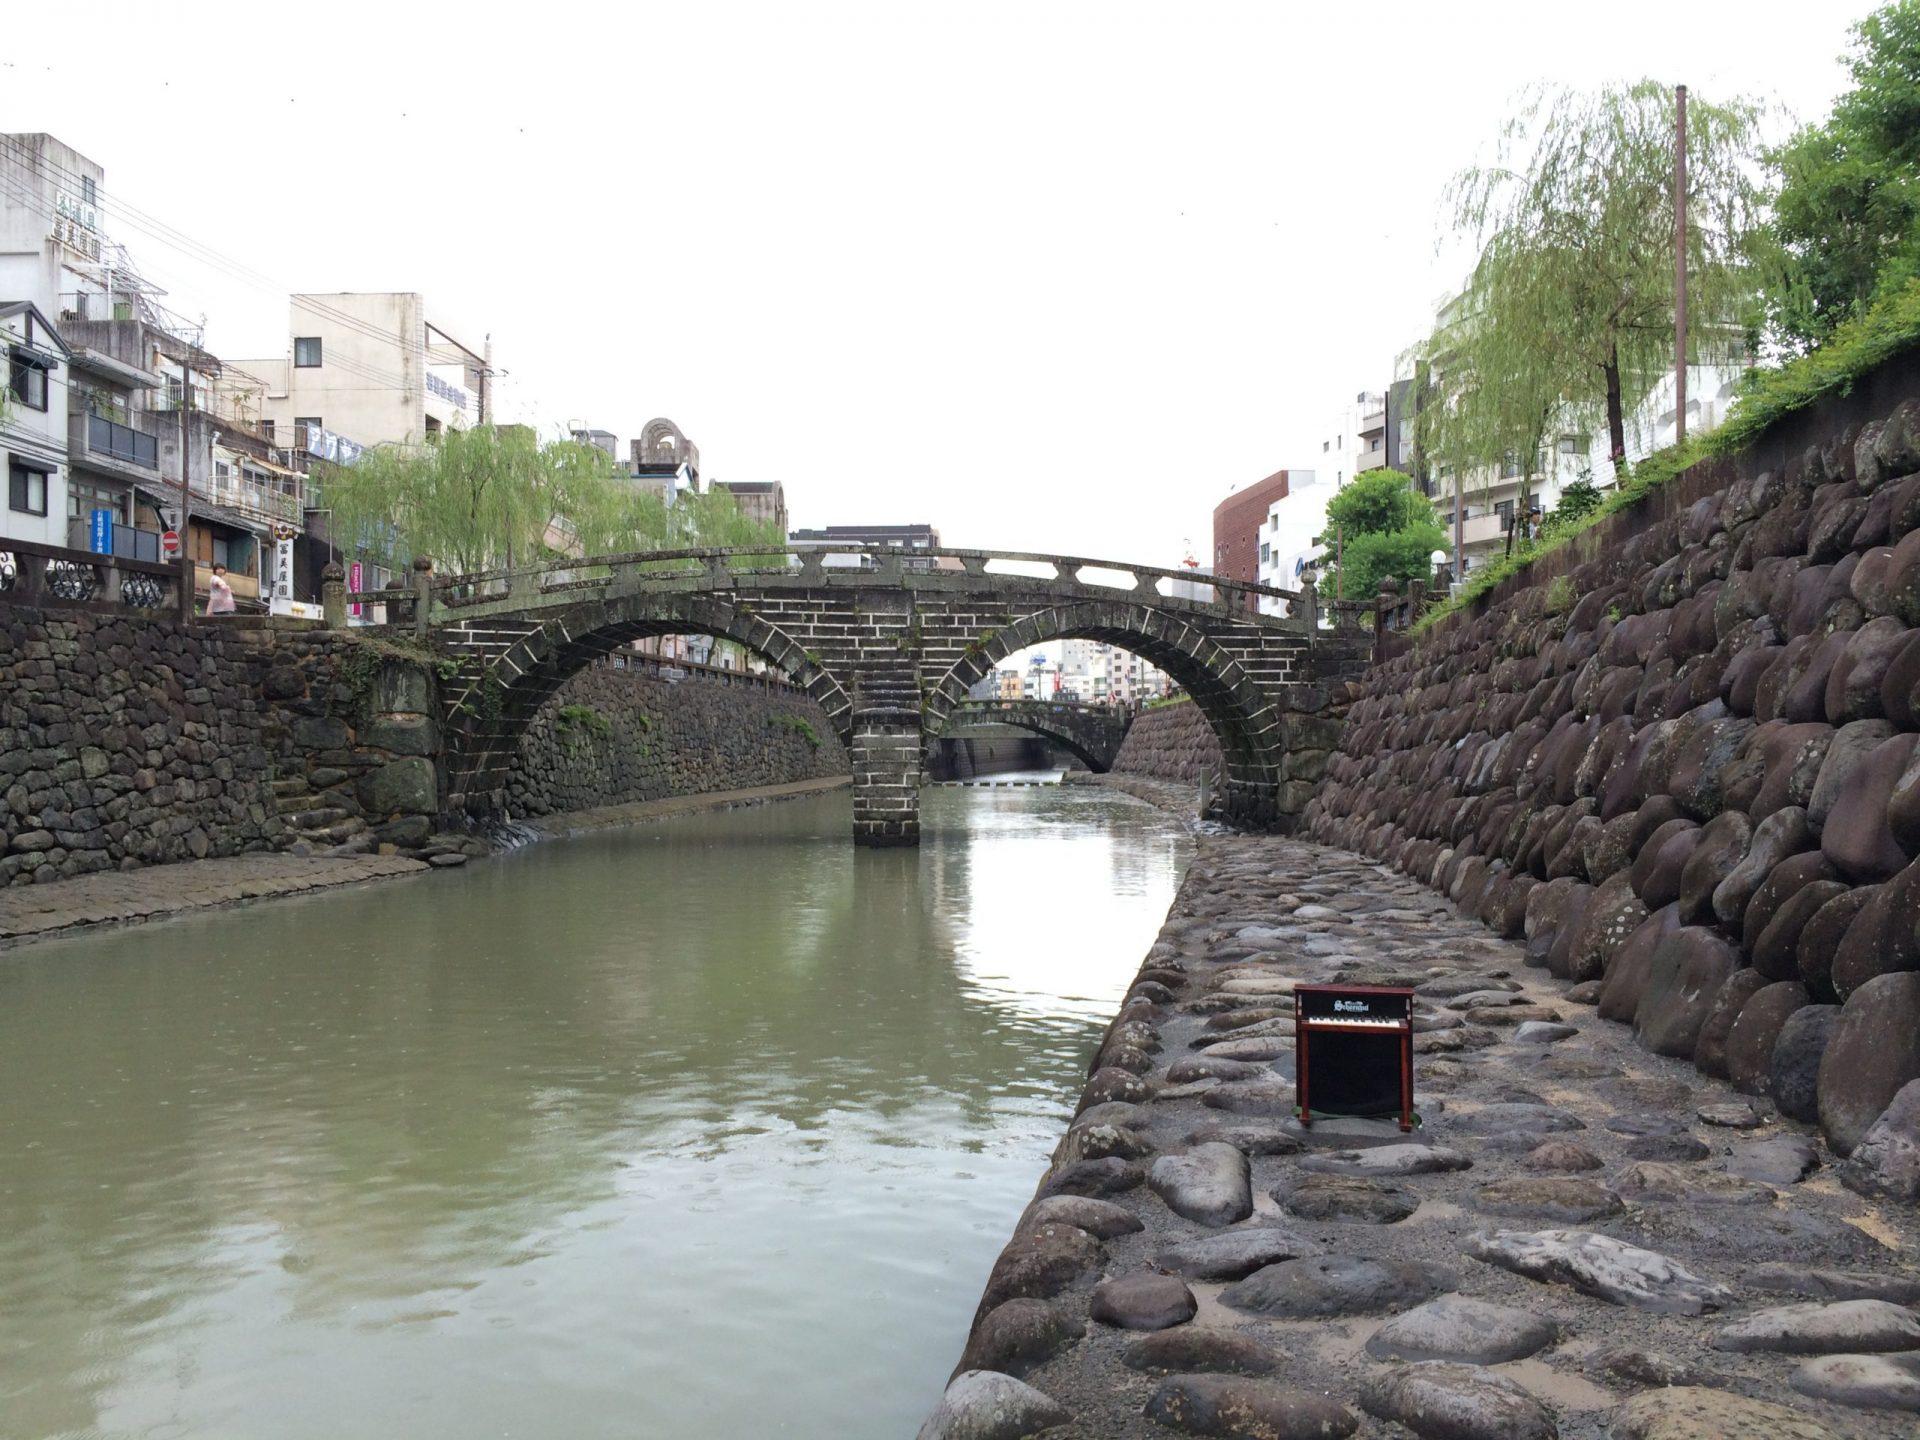 九州初よりみち15〜長崎1日目、眼鏡橋周辺のアーケード街によりみち